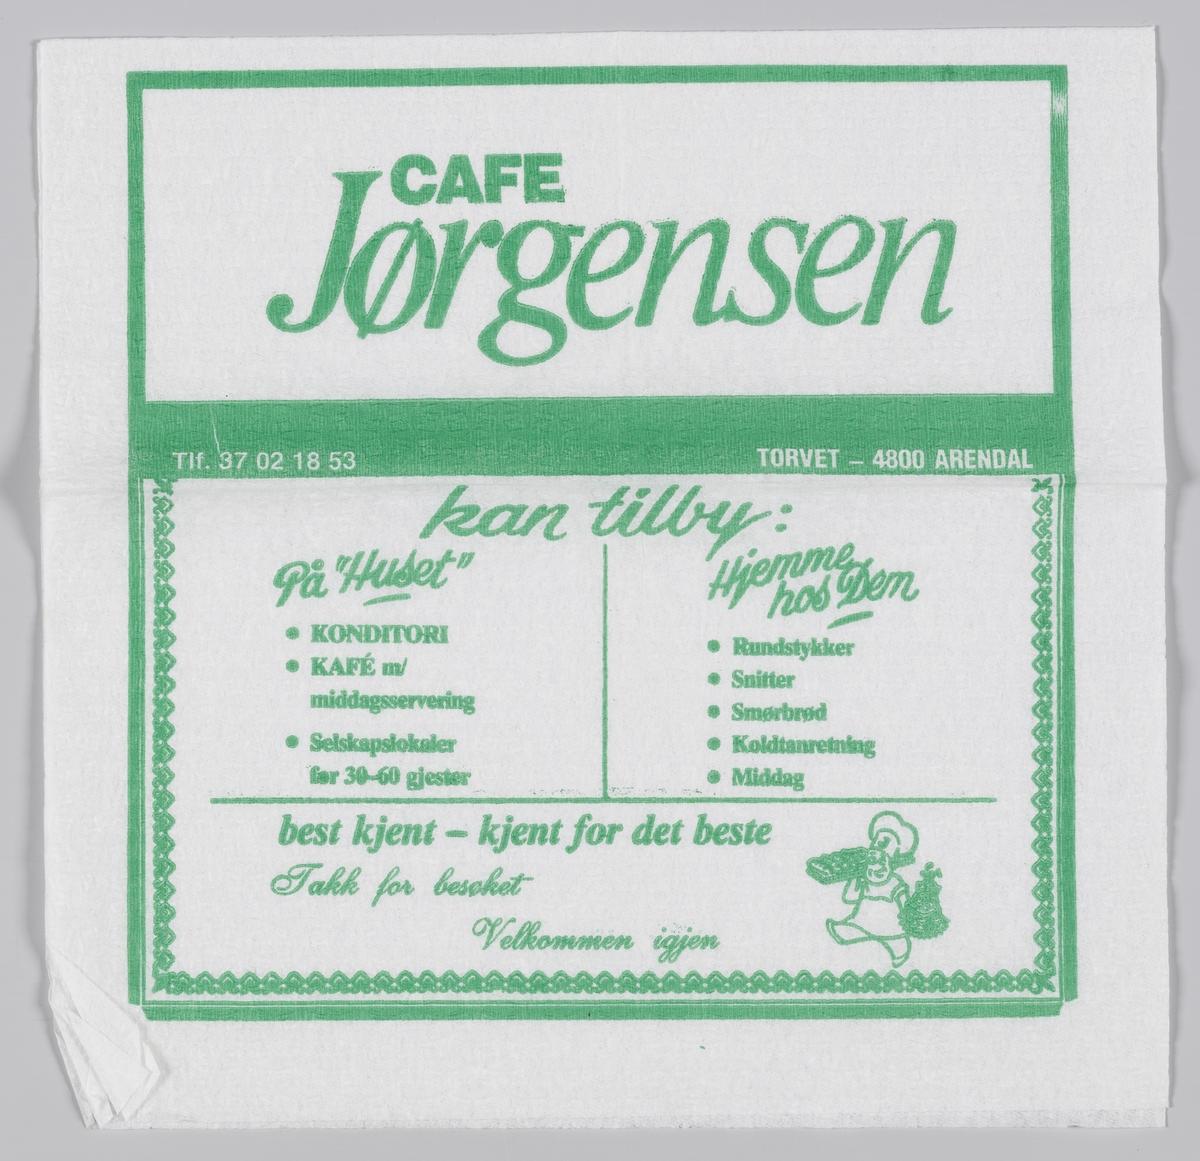 En reklametekst for Cafe Jørgensen i Arendal.  Baker Jørgensen ble etablert av Fredrik Emanuel og Karin Jørgensen i 1904. Deres første dagsomsetning var kr 13,00.  Hoved utsalget og produksjonslokalene hvor vi daglig produserer brød og bakevarer er i hovedbygningen på Torvet, hvor virksomheten har vært siden 1904.  Samme reklame på MIA.00007-004-0200.